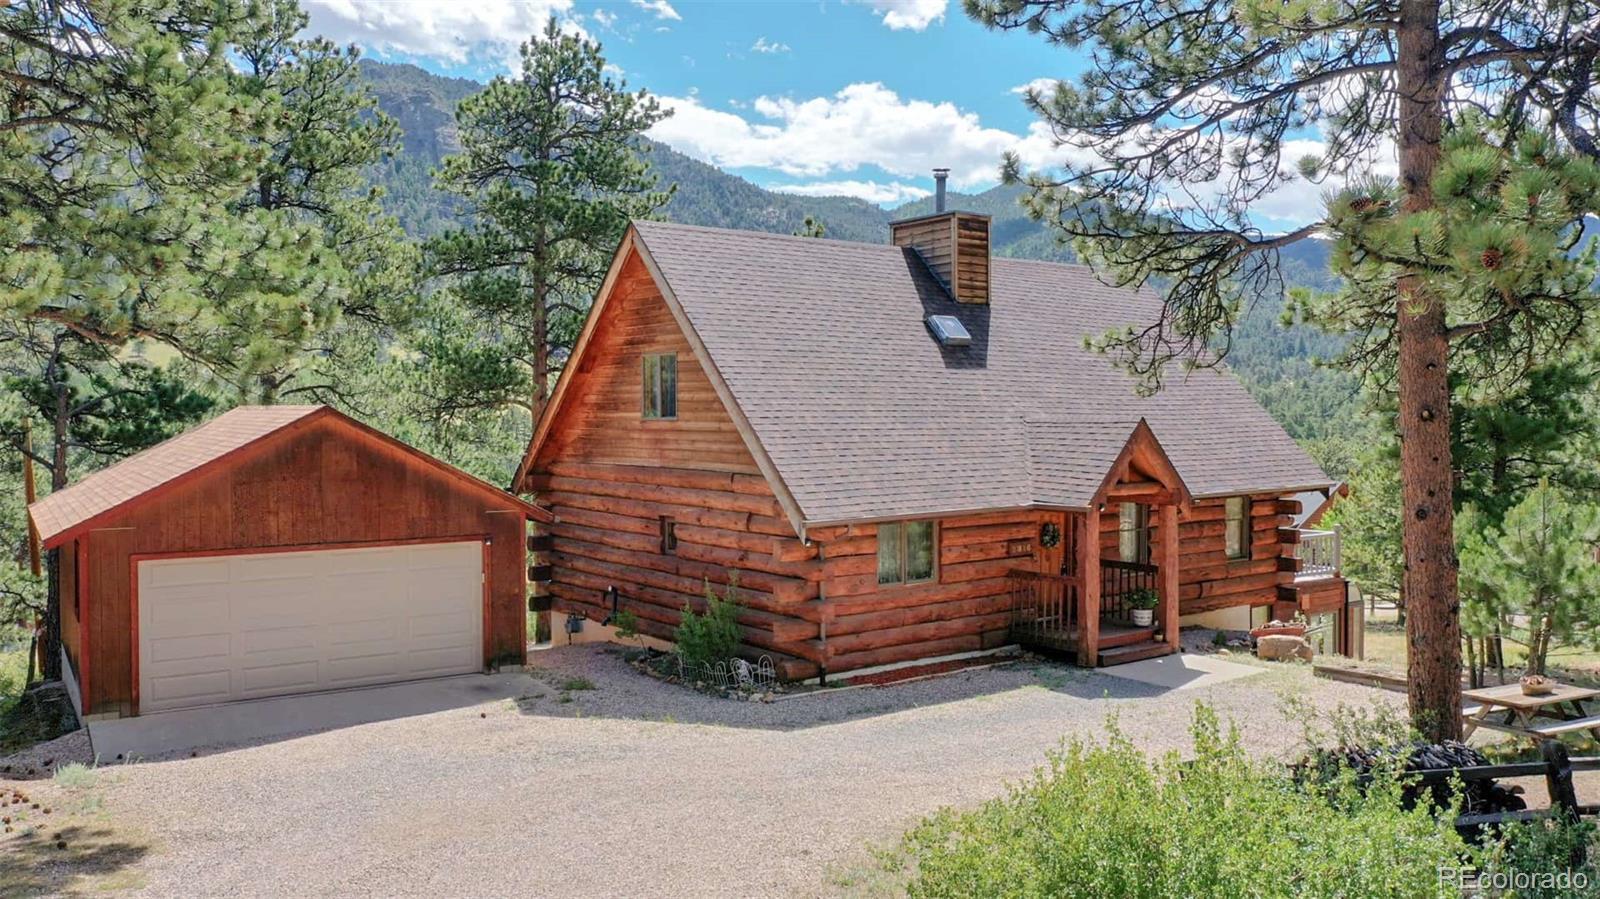 2816 Aspen Lane, Estes Park, CO 80517 - Estes Park, CO real estate listing